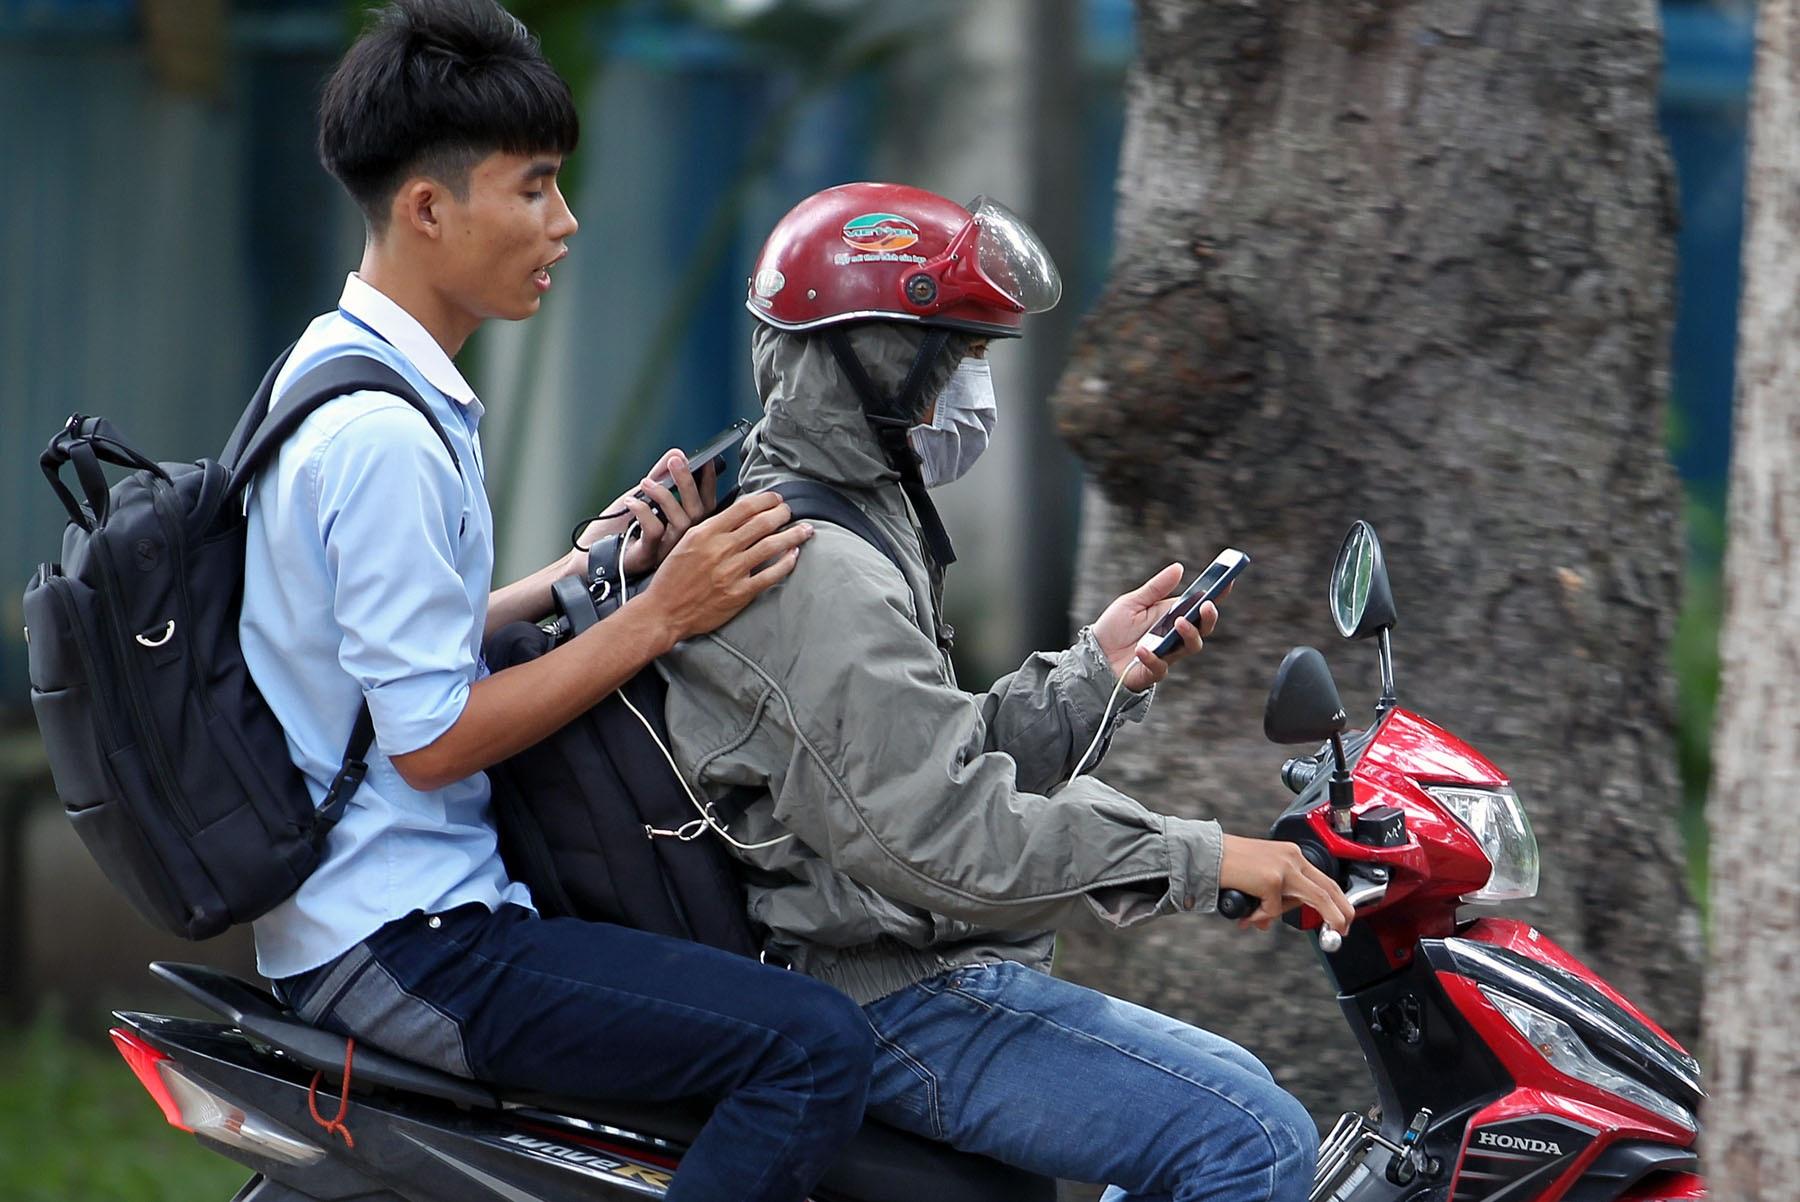 Cặp đôi chơi Pokemon Go dừng xe tại một công viên ở TPHCM. Ảnh: Nguyễn Quang